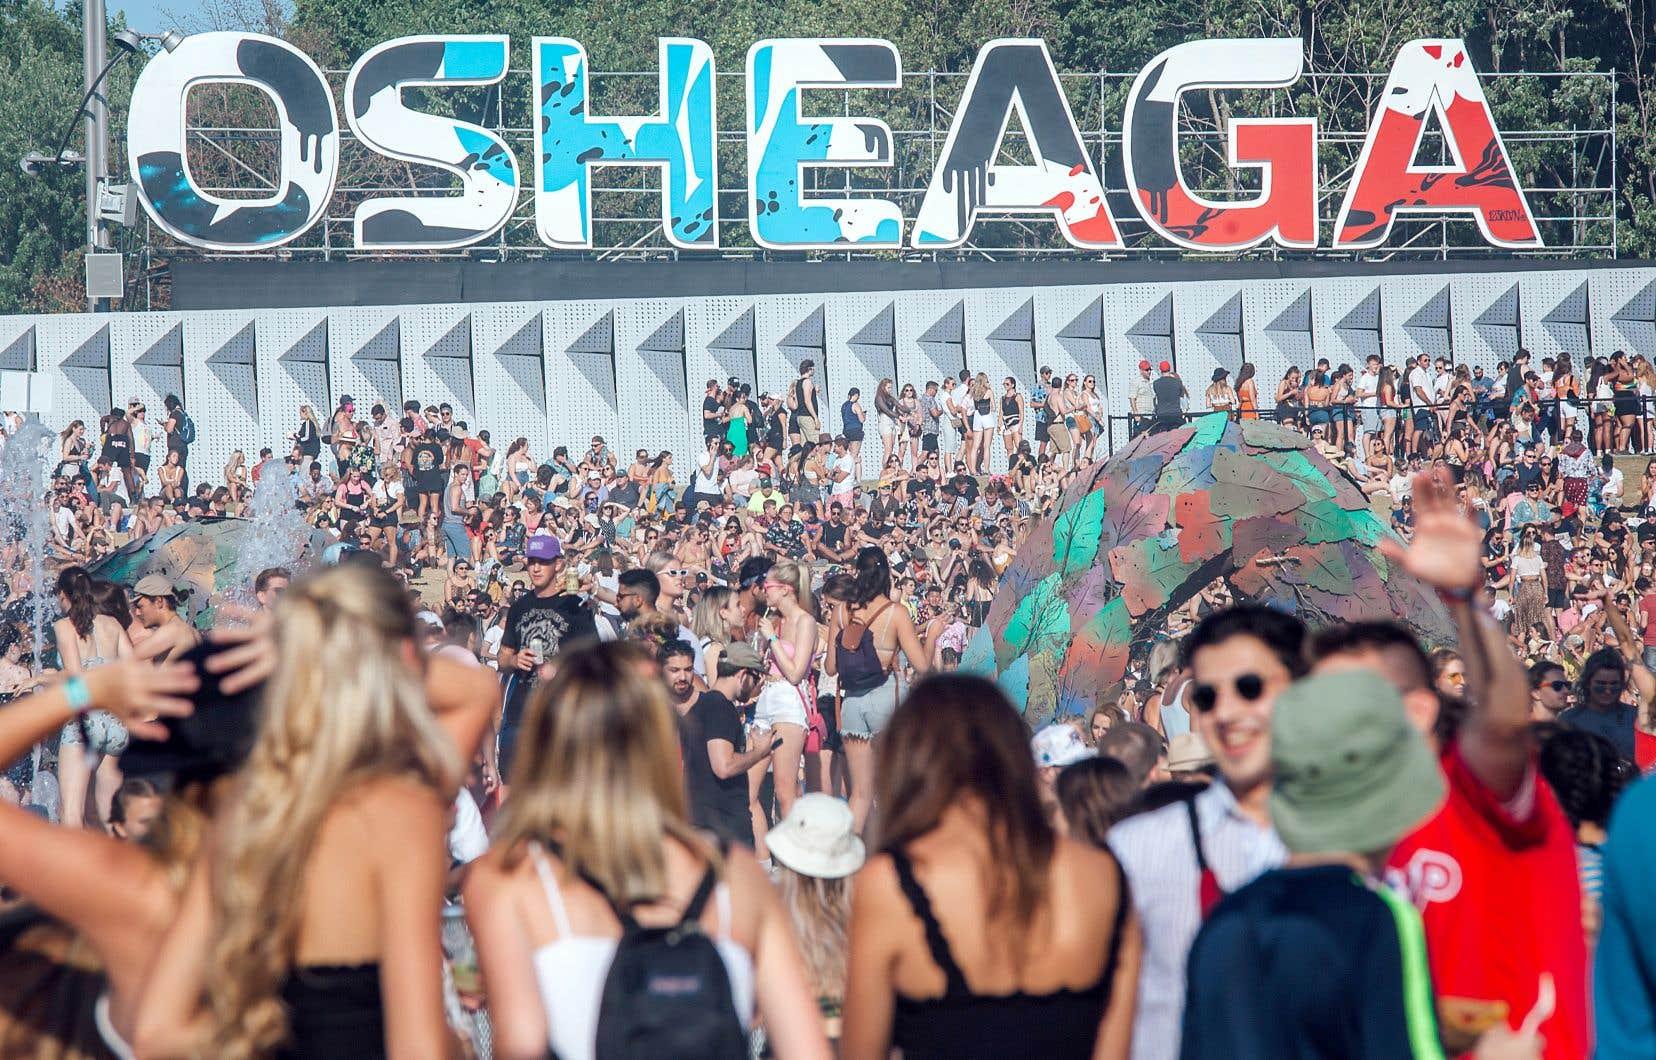 Pour evenko, l'annonce de Québec suppose notamment de reporter ou de rayer du calendrier le festival Osheaga, un des rassemblements estivaux les plus courus.